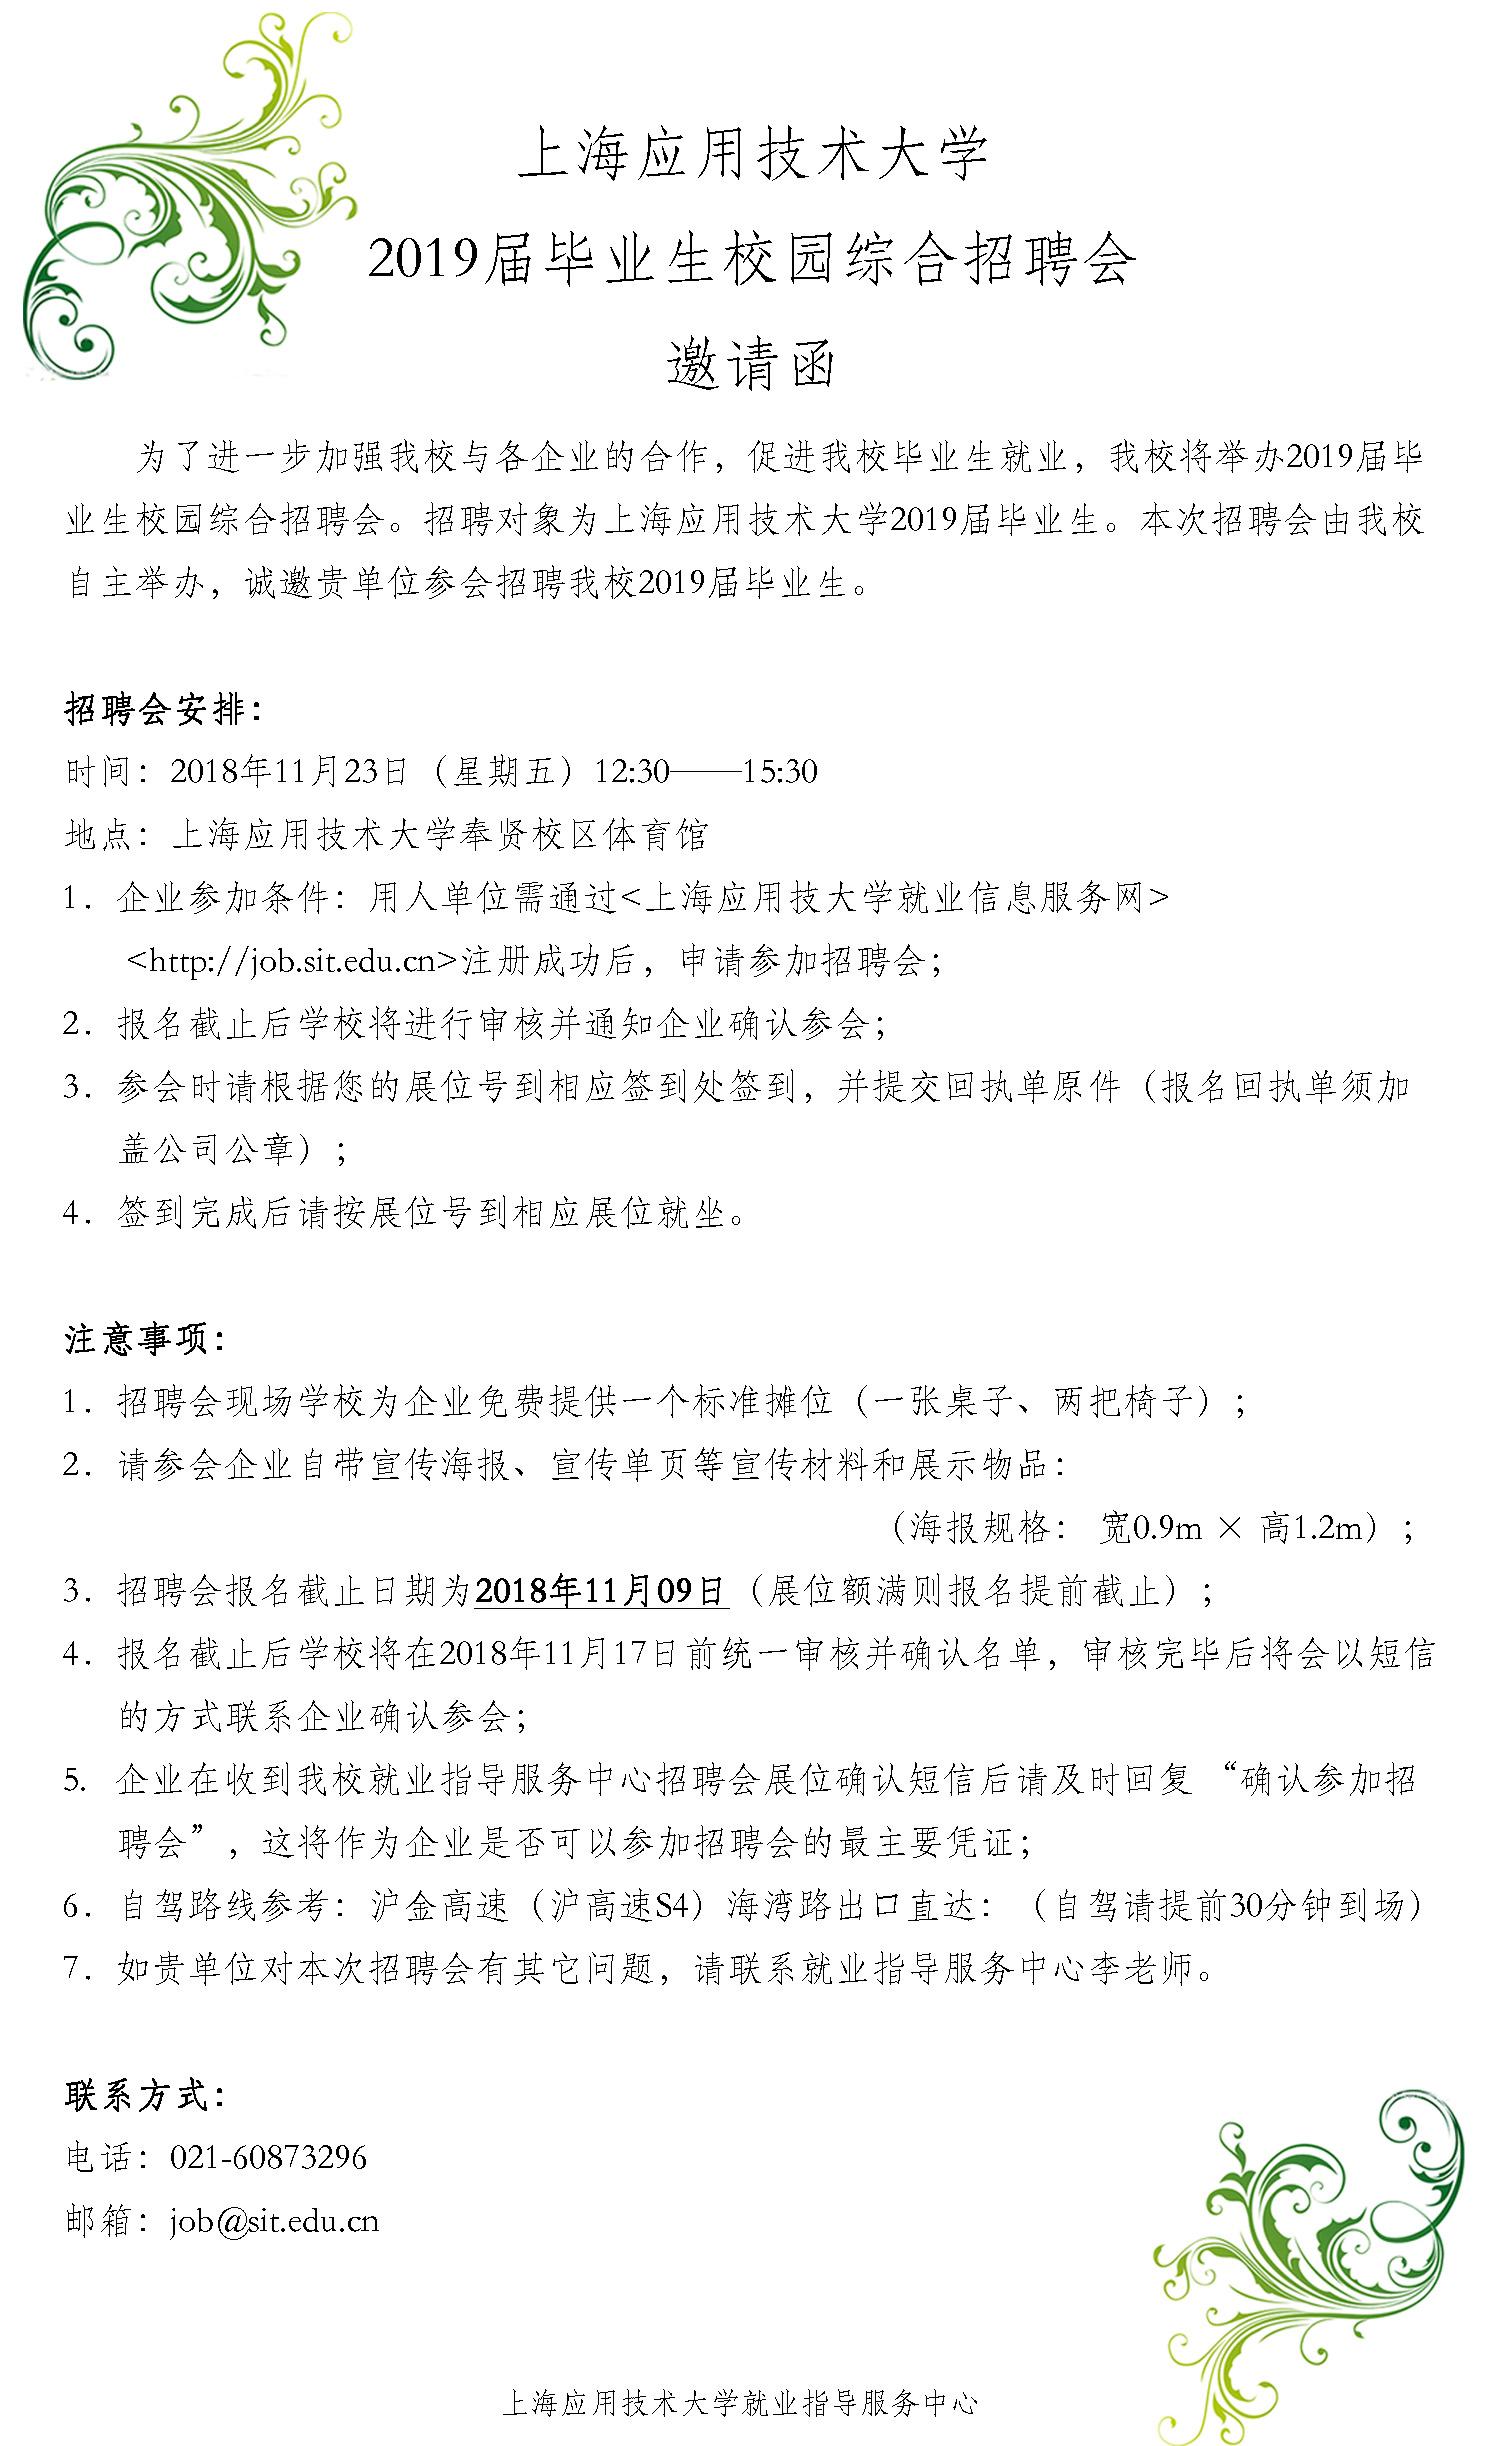 2018春季<a href=https://www.zhaopinhui.net target=_blank class=infotextkey>招聘会</a>邀请函.jpg